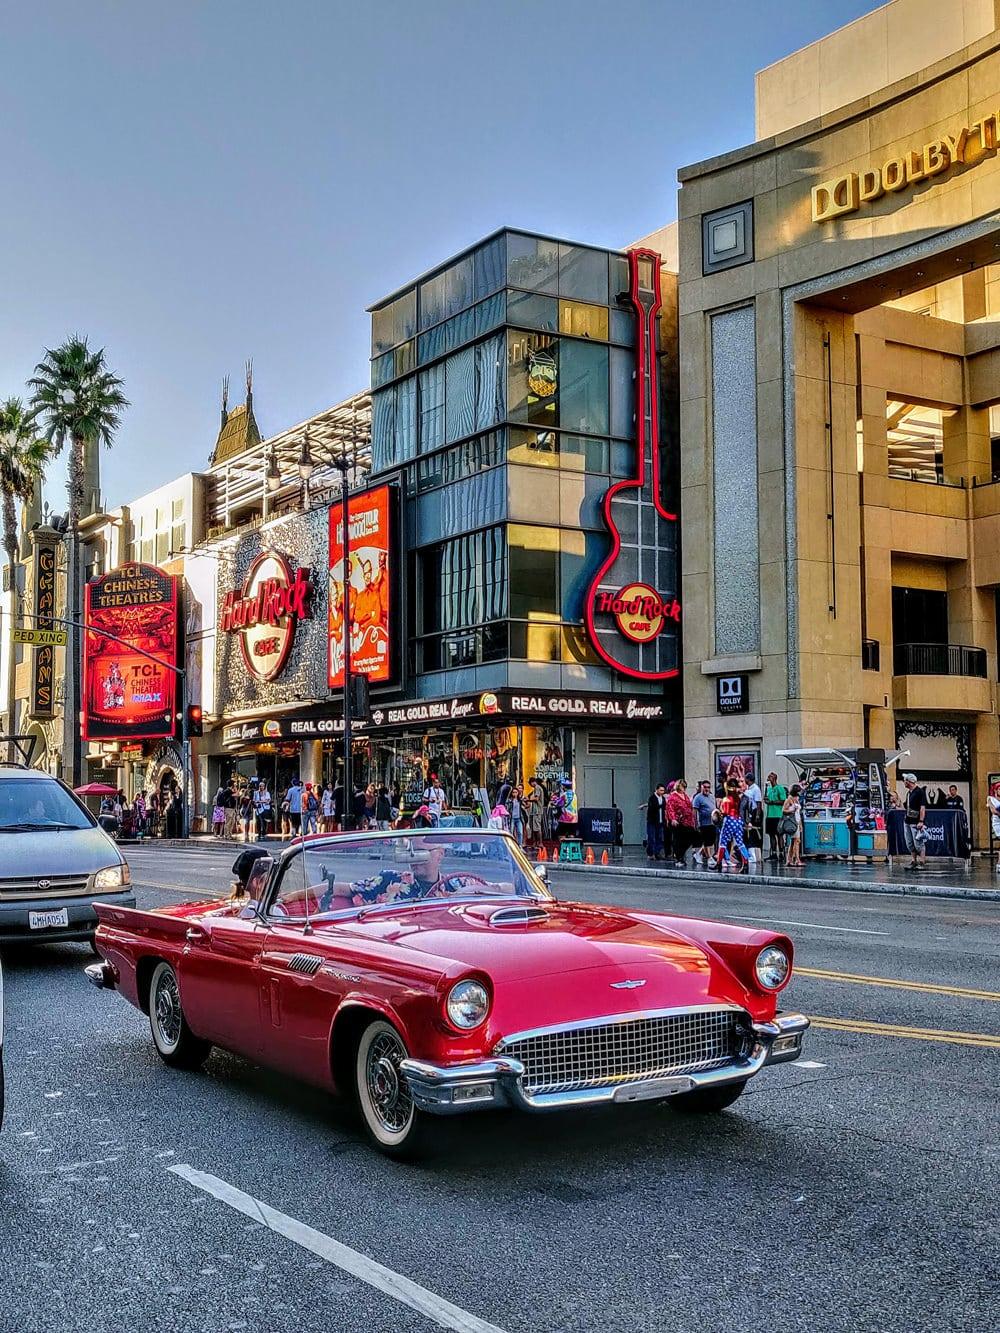 Unterhaltung nonstop gibt es in Hollywood, Foto: Benoit Debaix / Unsplash